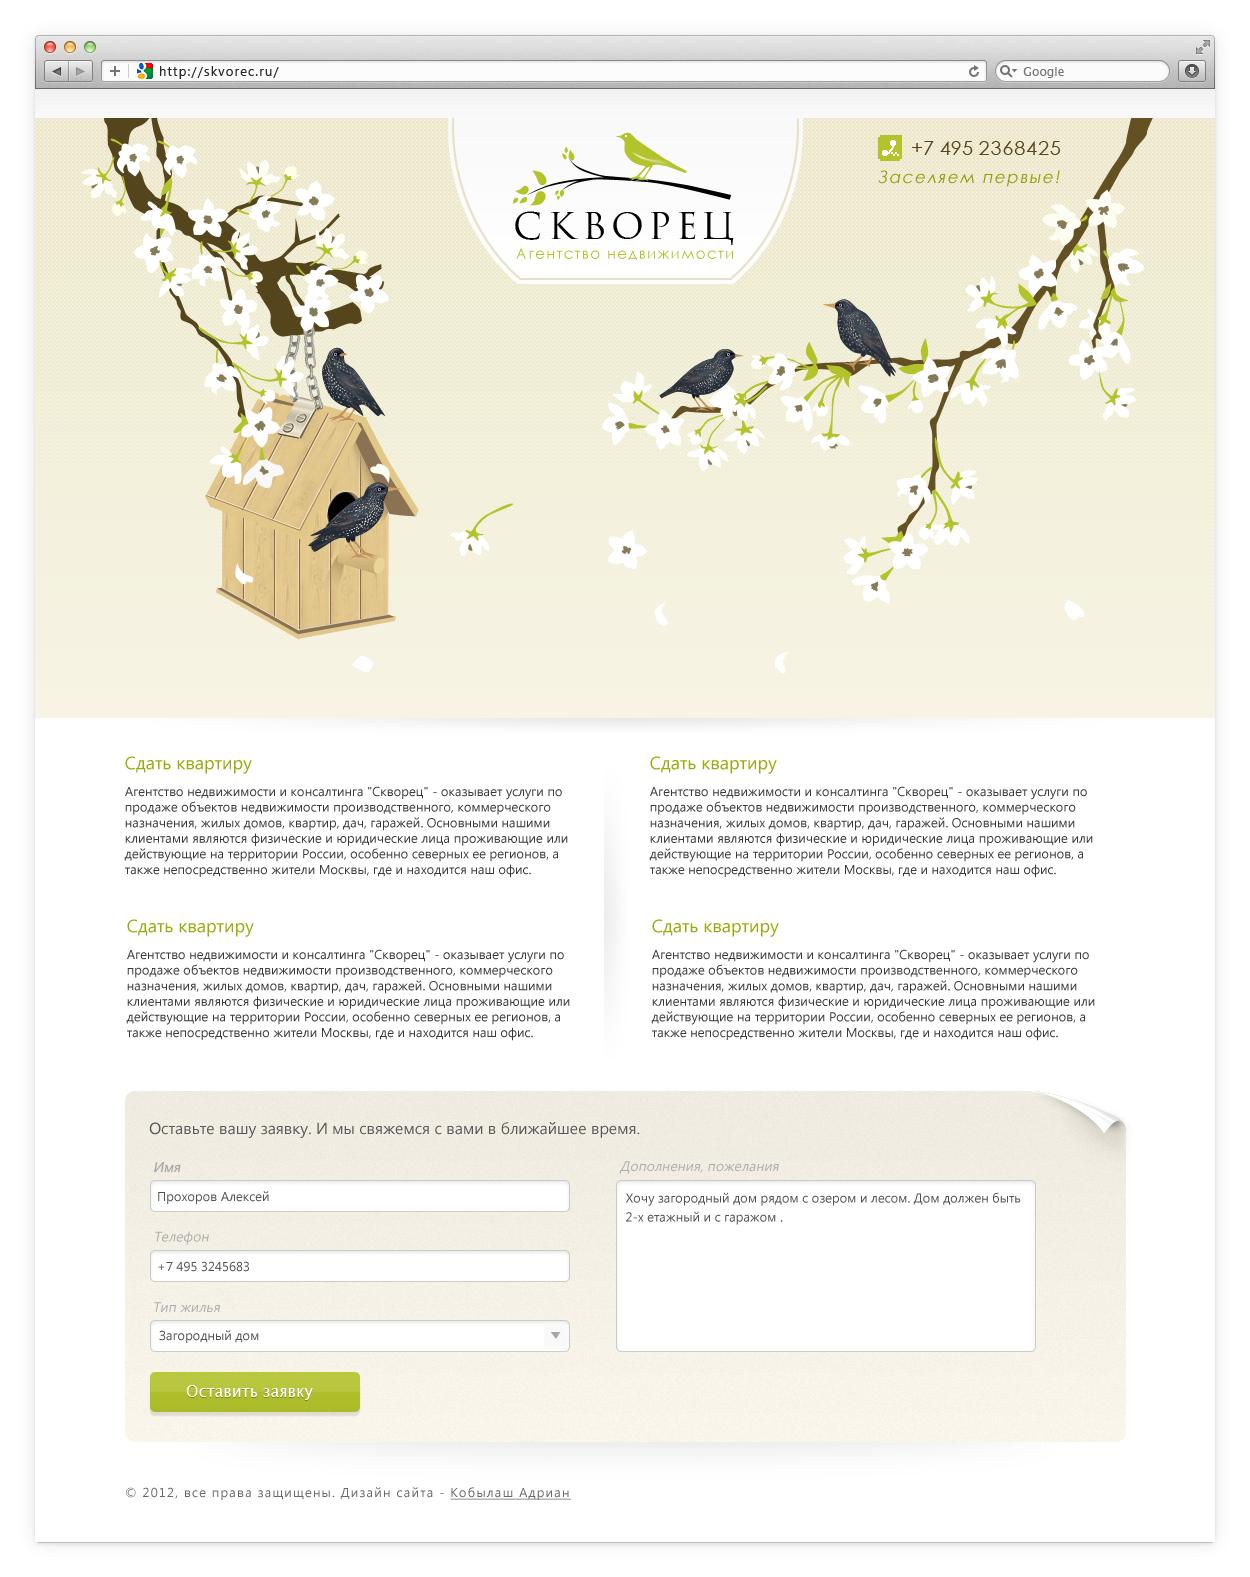 Дизайн главной страницы сайта фото f_503f4ac8673ad.png